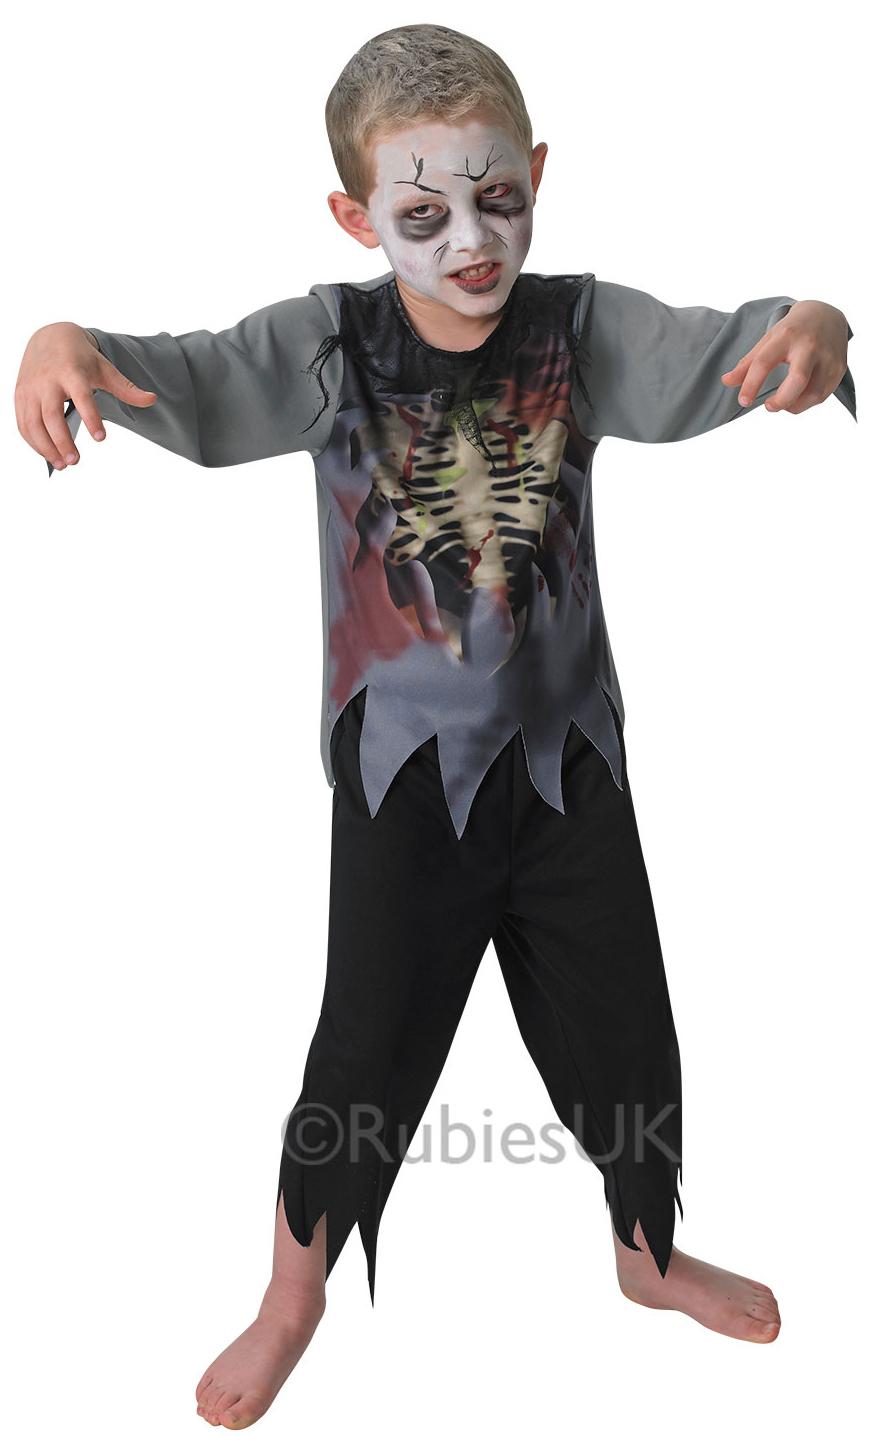 Zombie Boy Kids Halloween Fancy Dress Walking Dead Horror Childrens Costume New - eBay